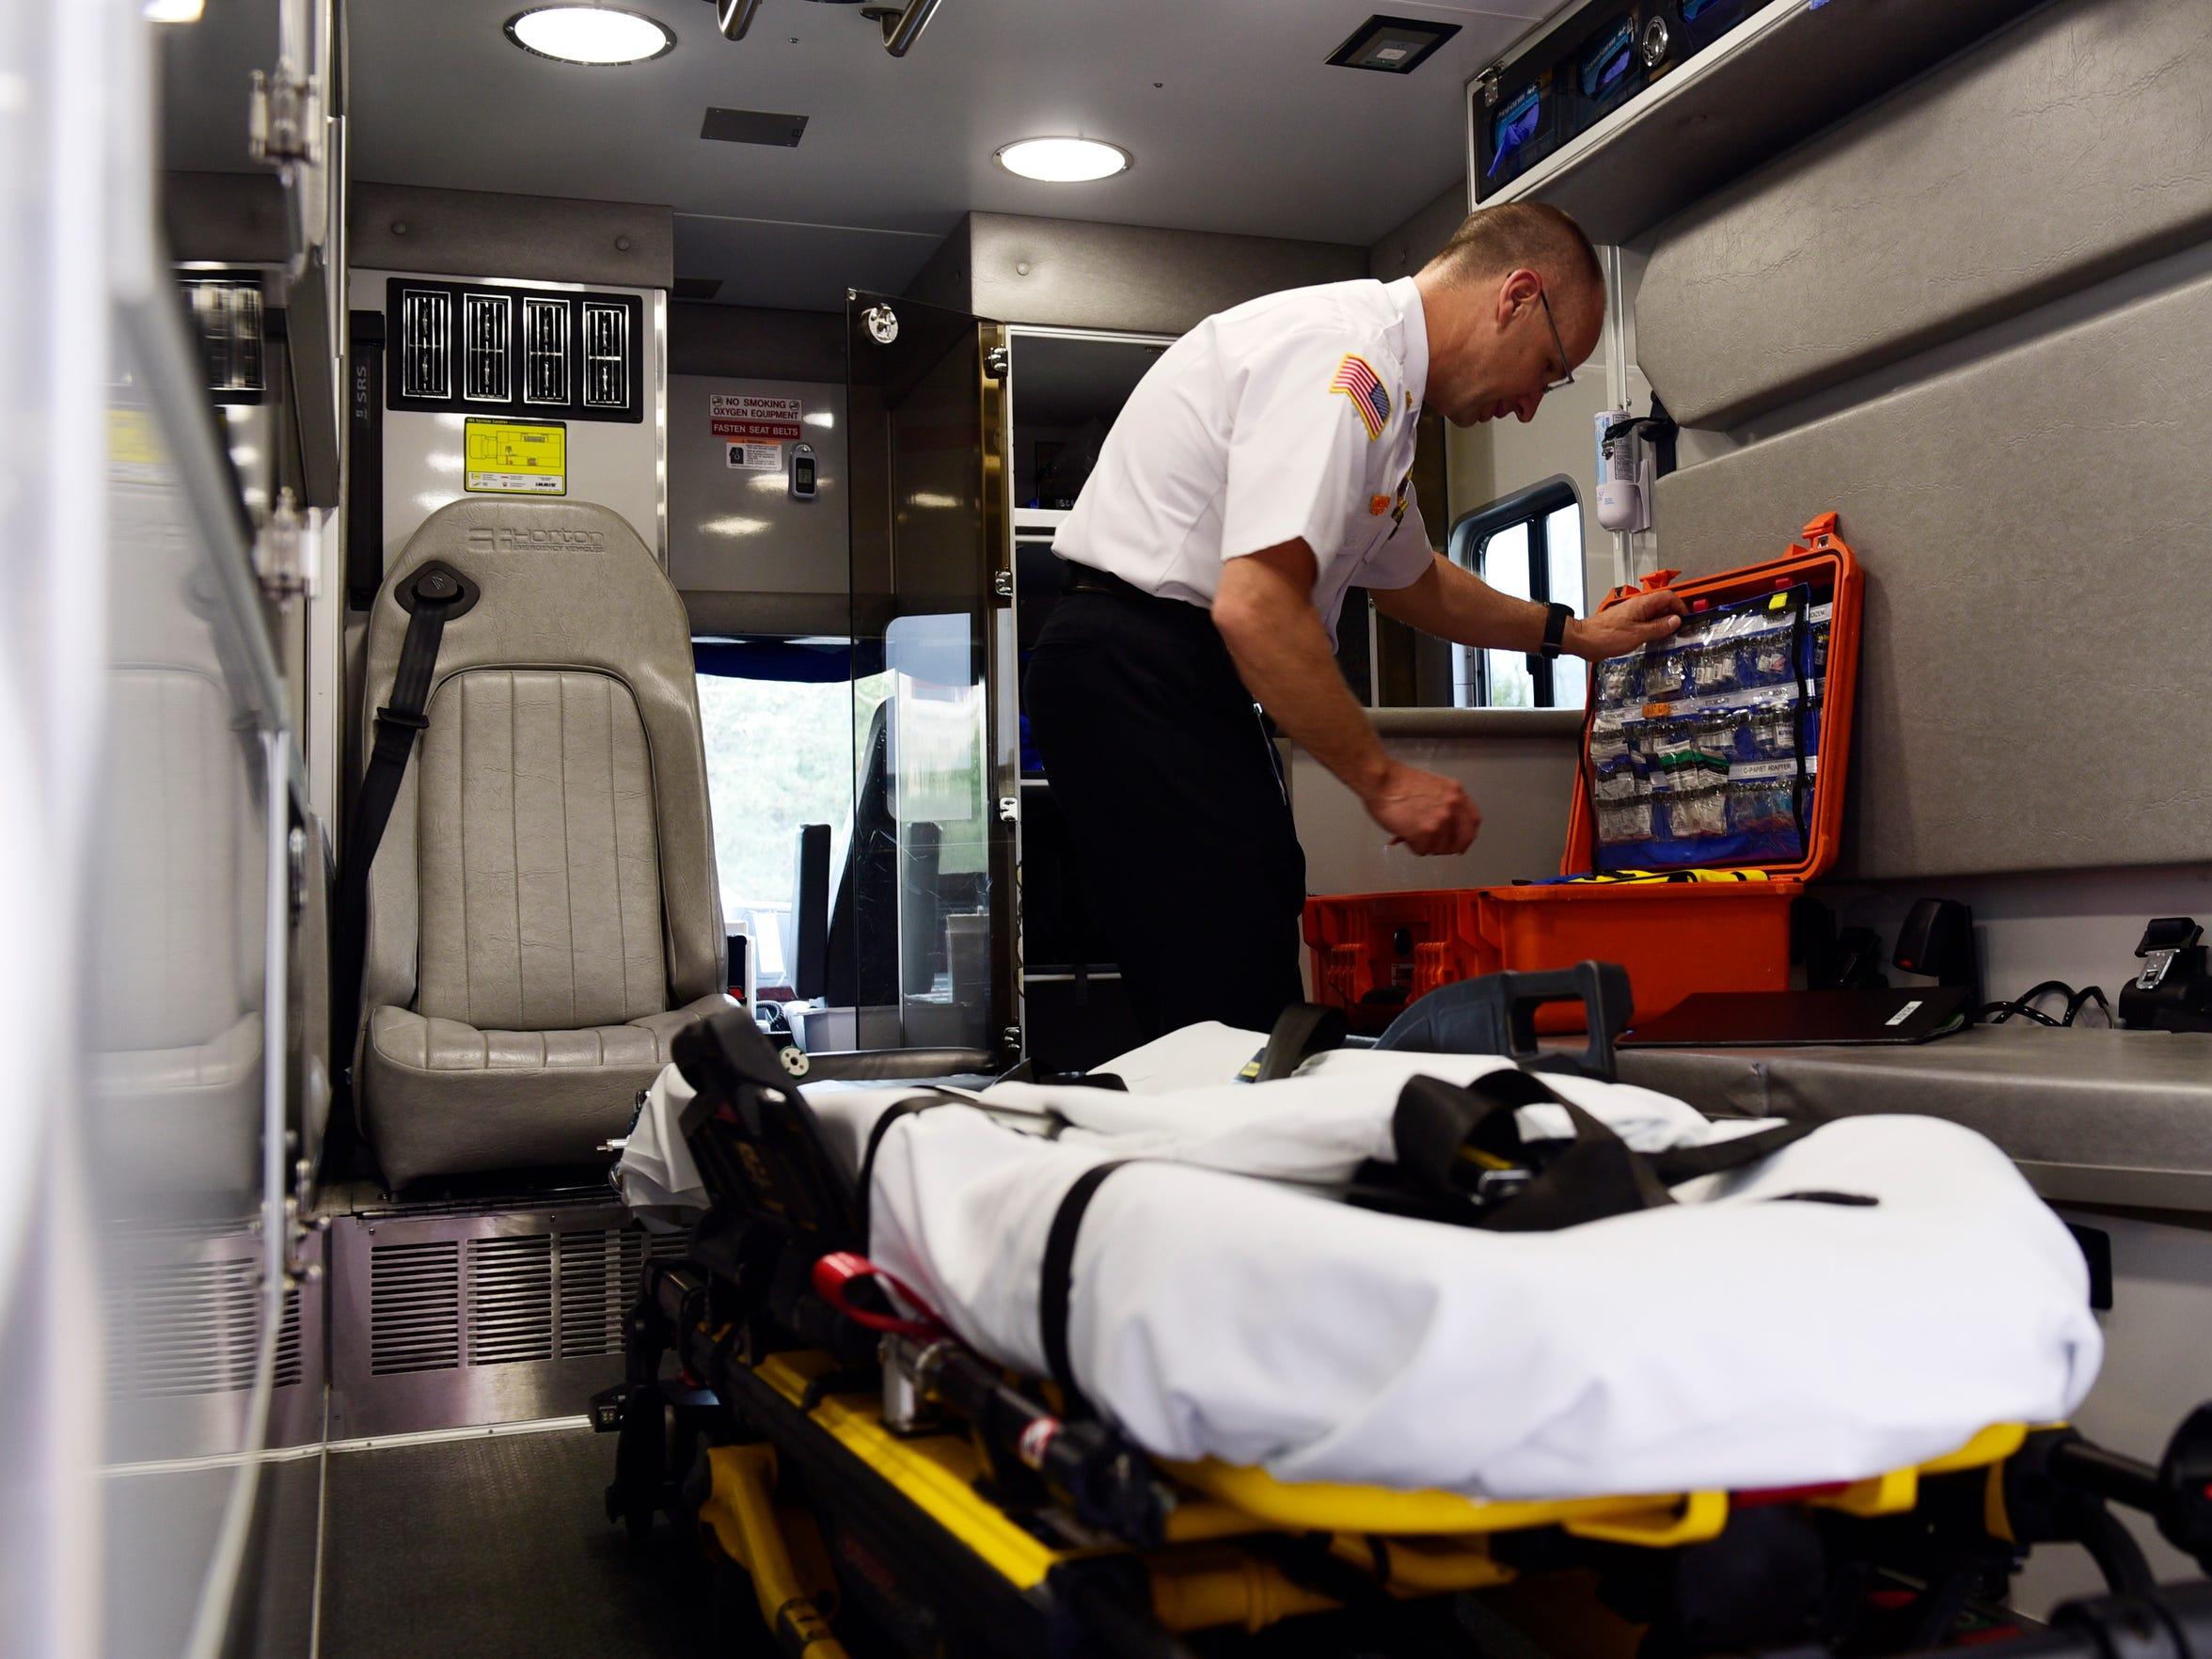 Jeff Jackson, Sandusky County EMS director, said his